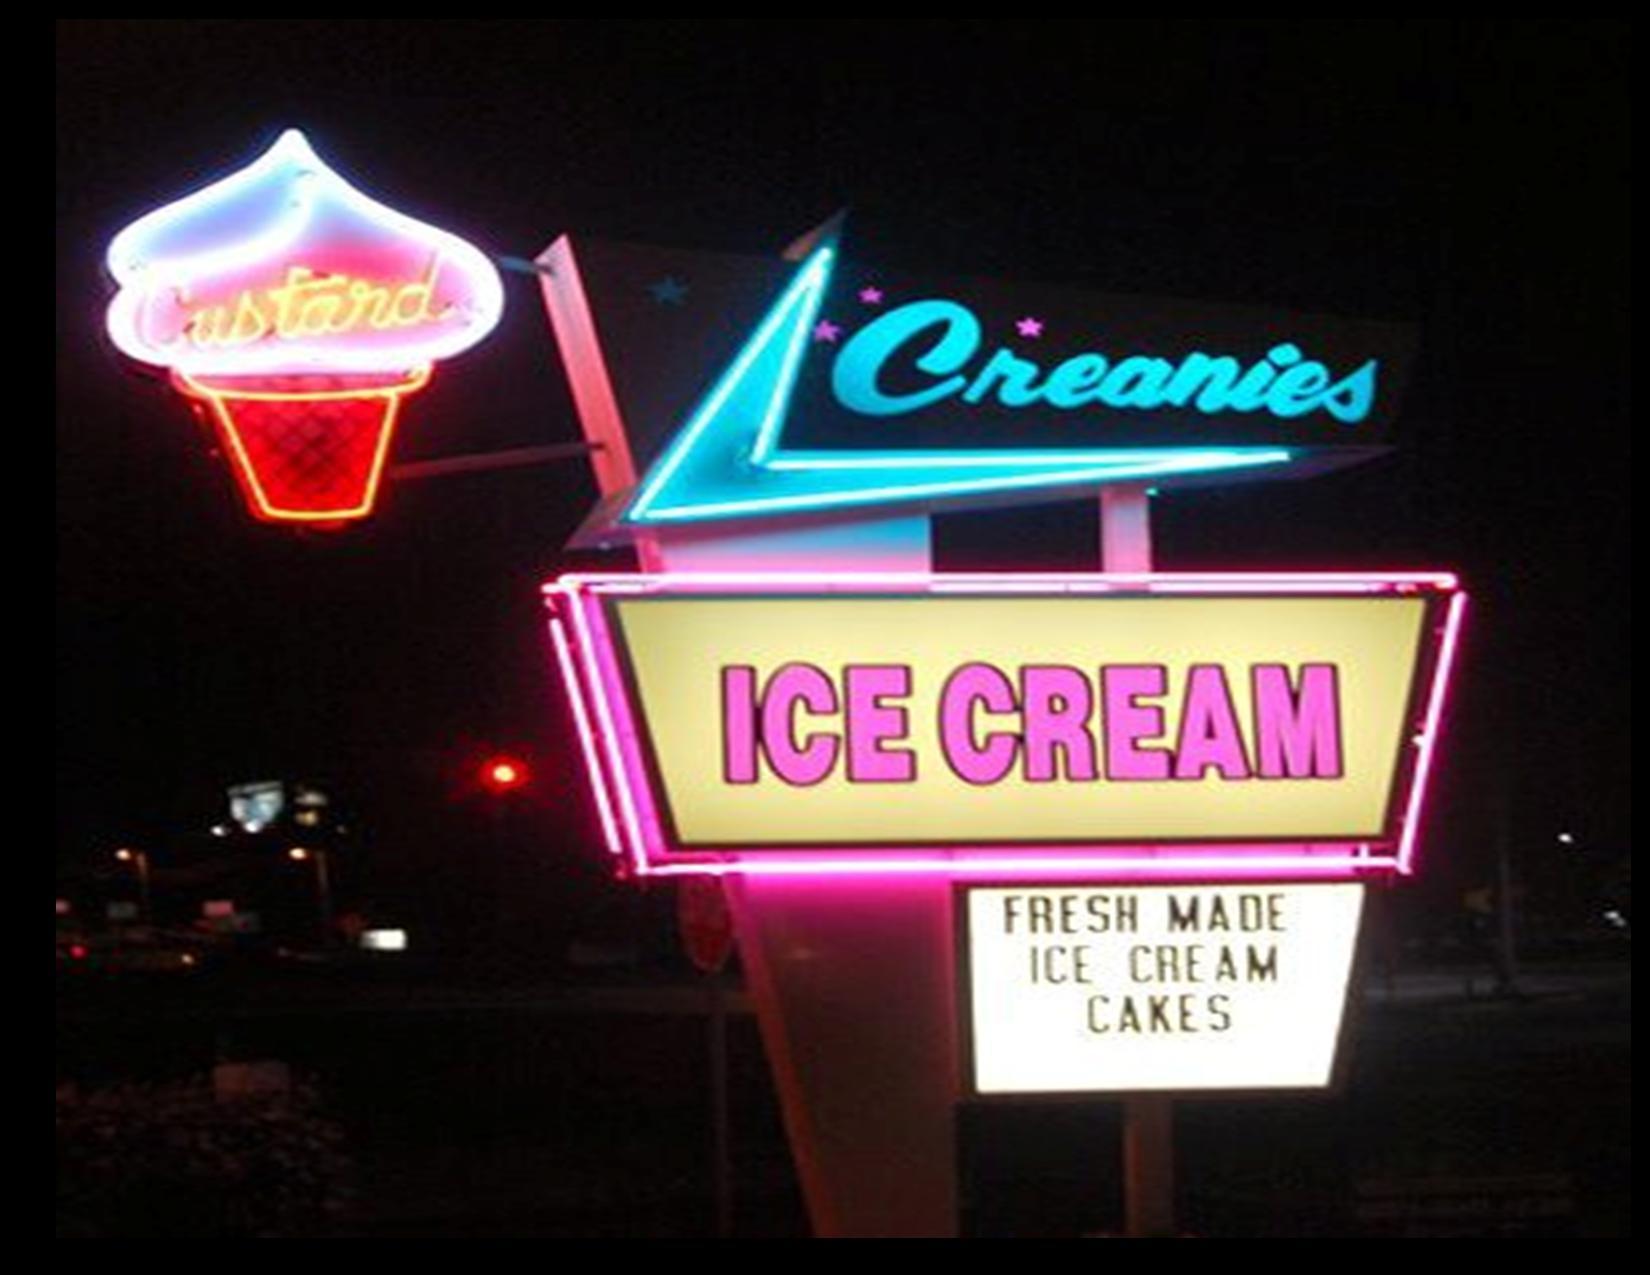 creanies ice cream